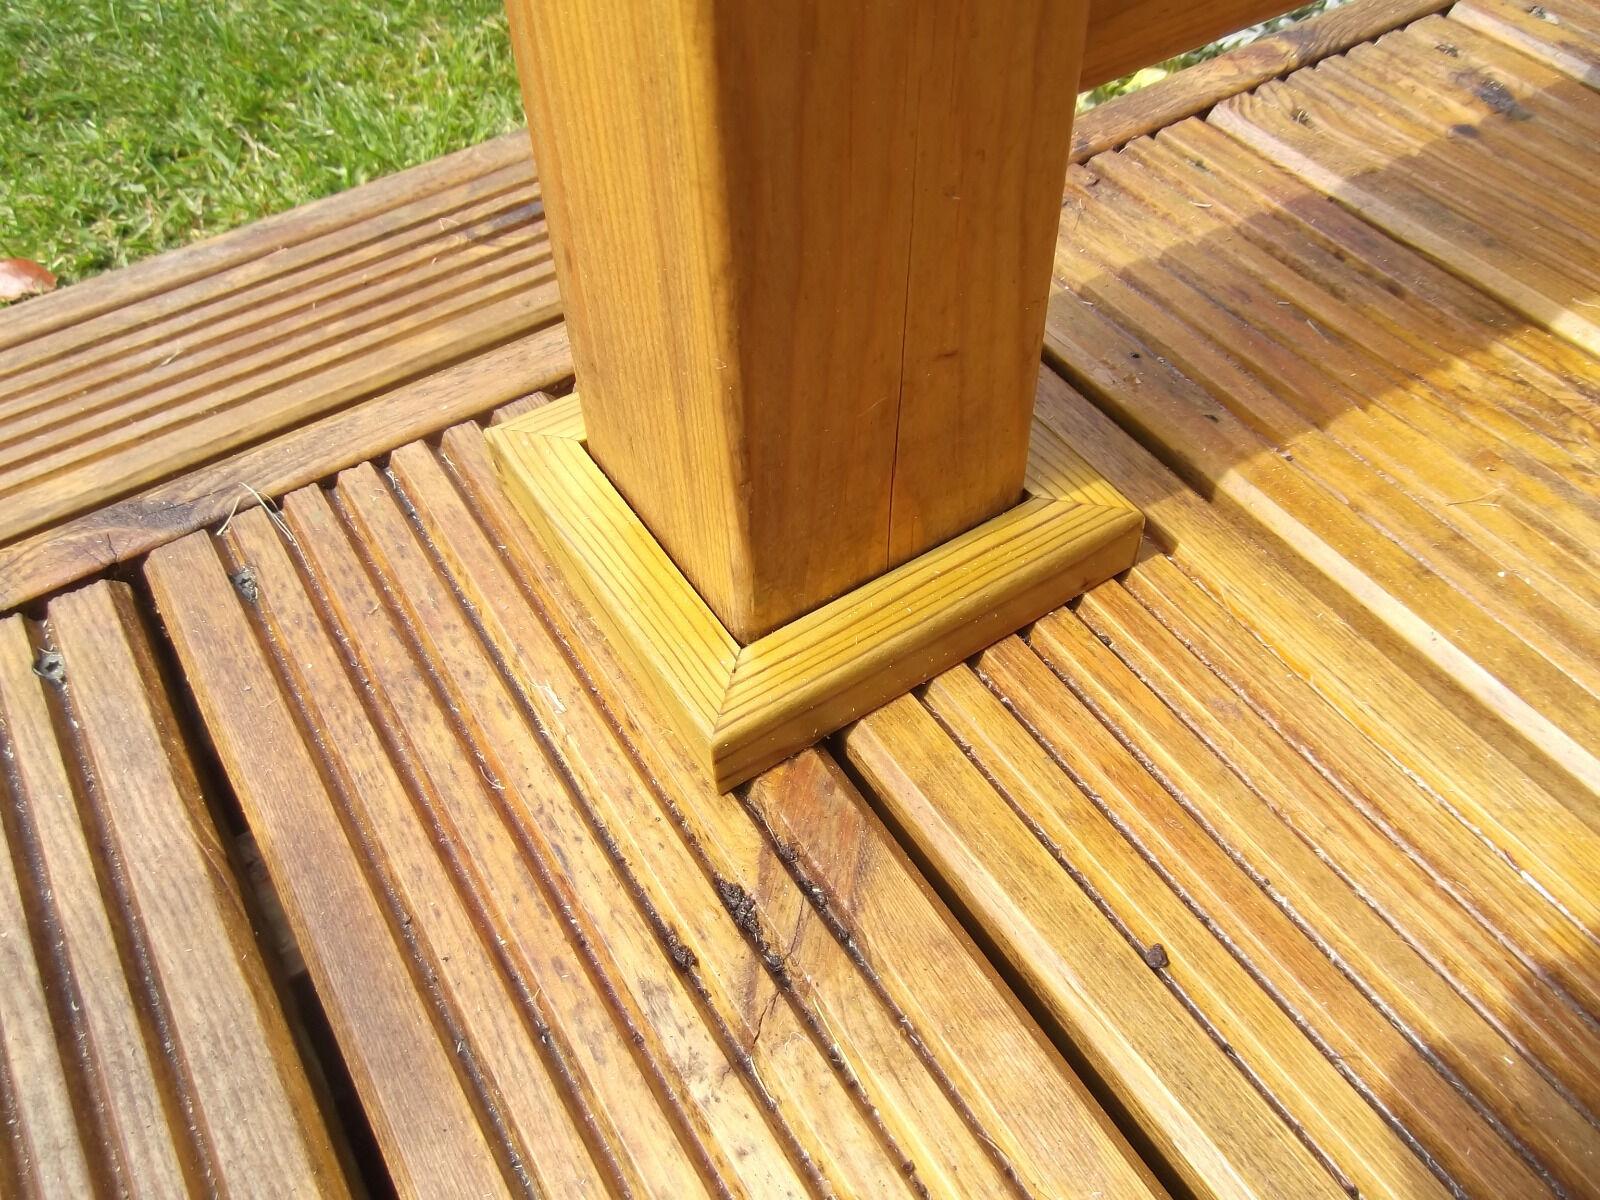 90mm Decking Trims Newel Post Skirting Base Finishing Deck Kit Gap Edging